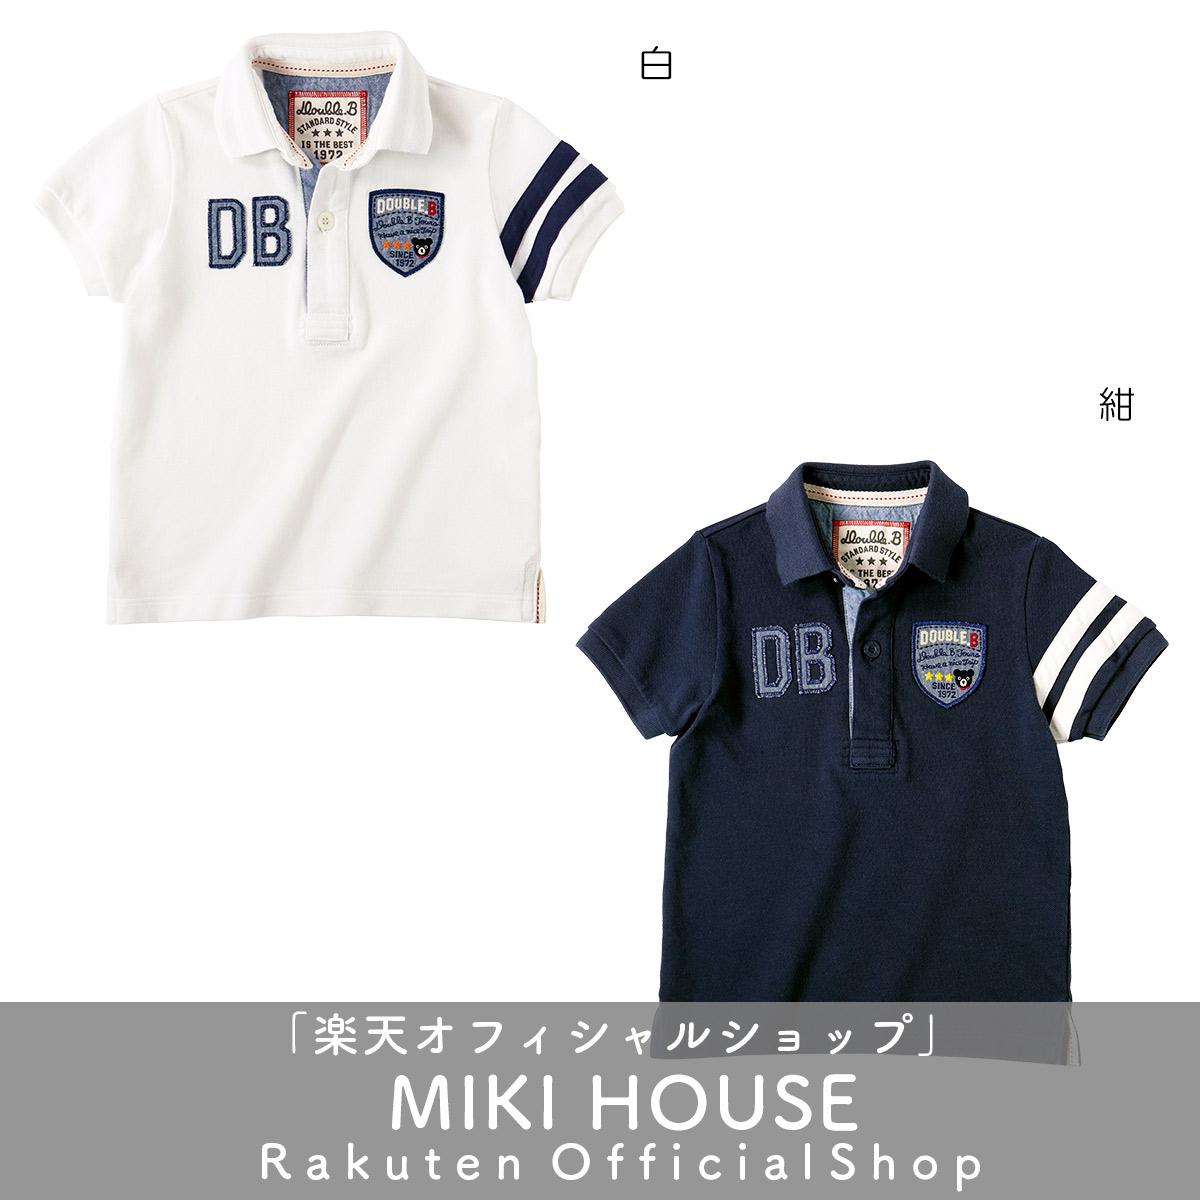 【アウトレット】ミキハウス ダブルビー mikihouse ワッペンつき半袖ポロシャツ(140cm・150cm)